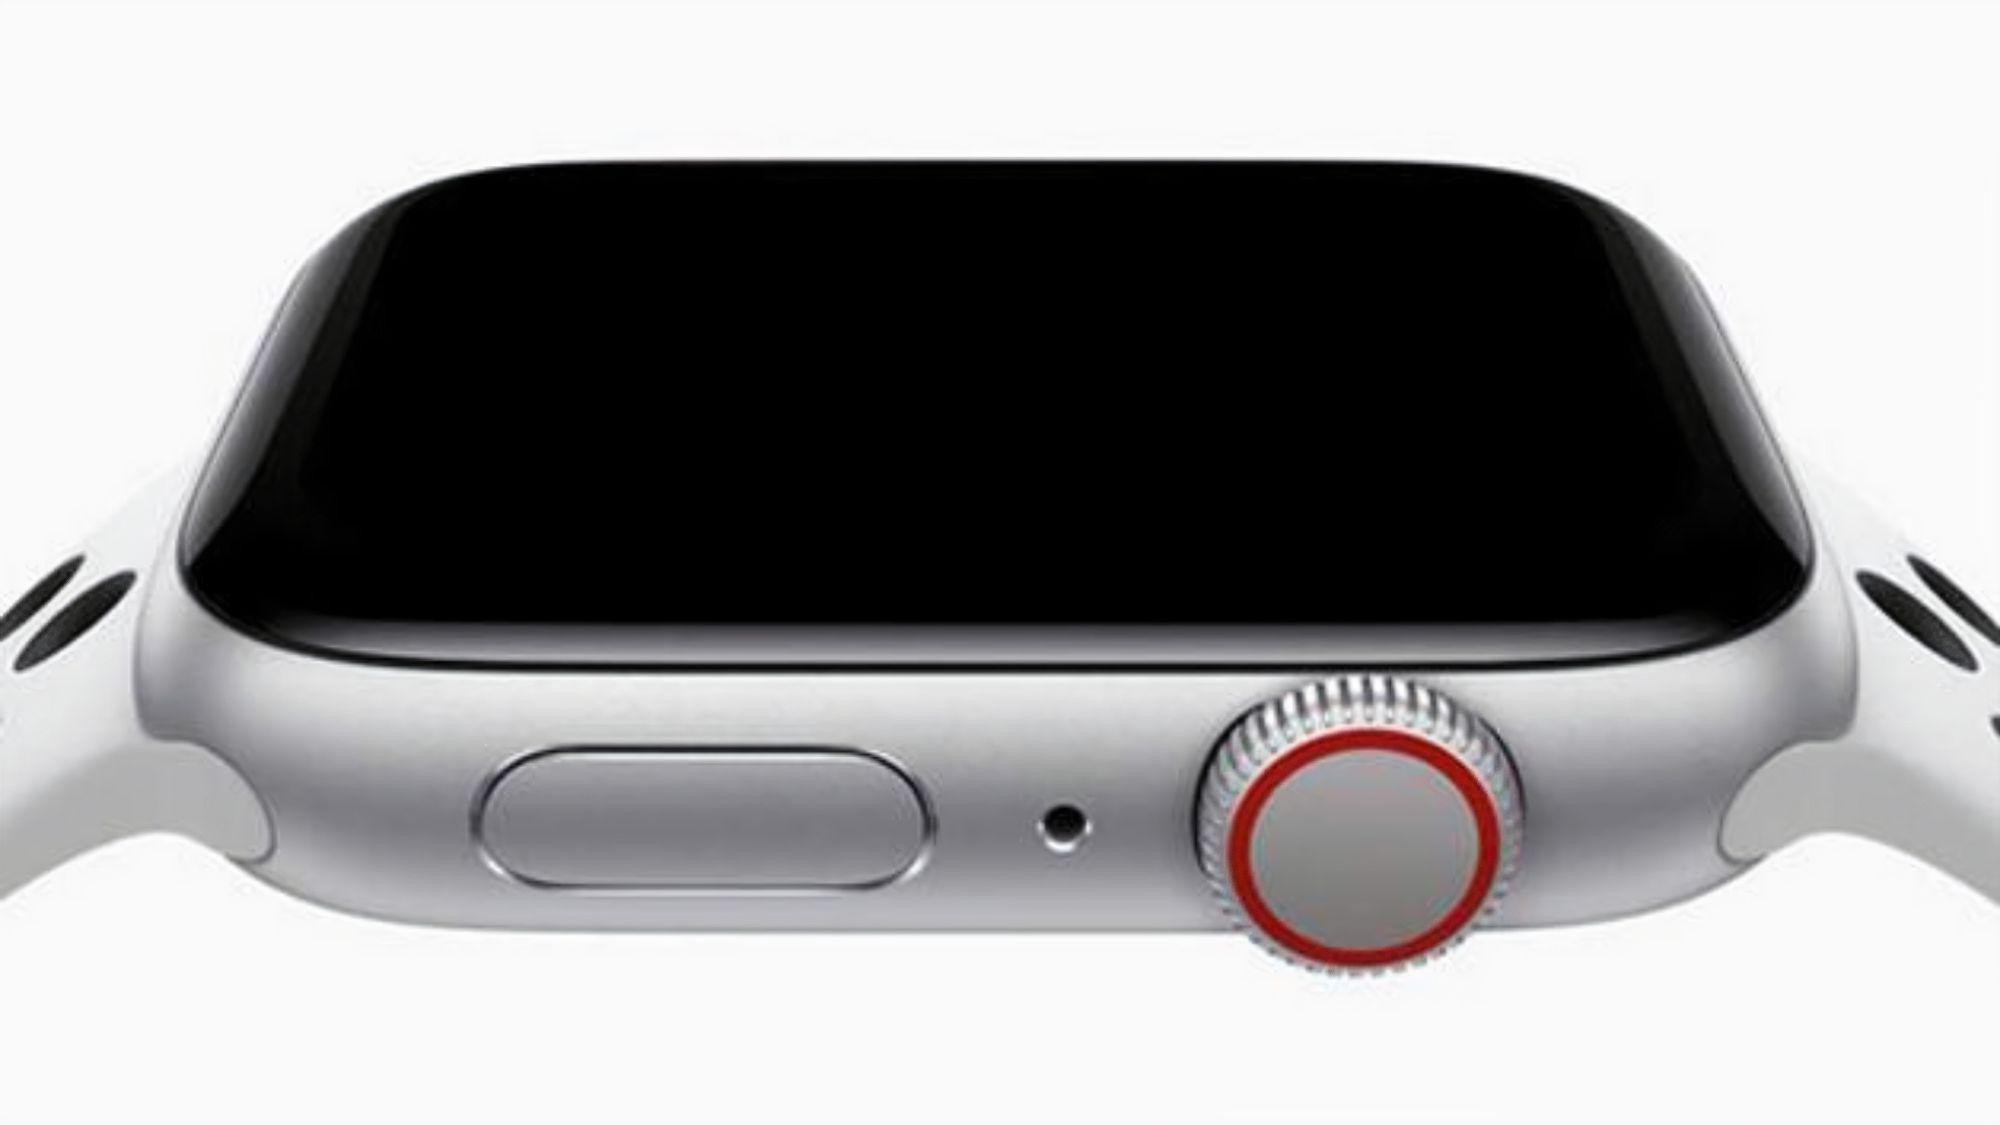 Smartwatch Iwo 8 tem coroa giratória lateral (Foto: Divulgação/Iow)